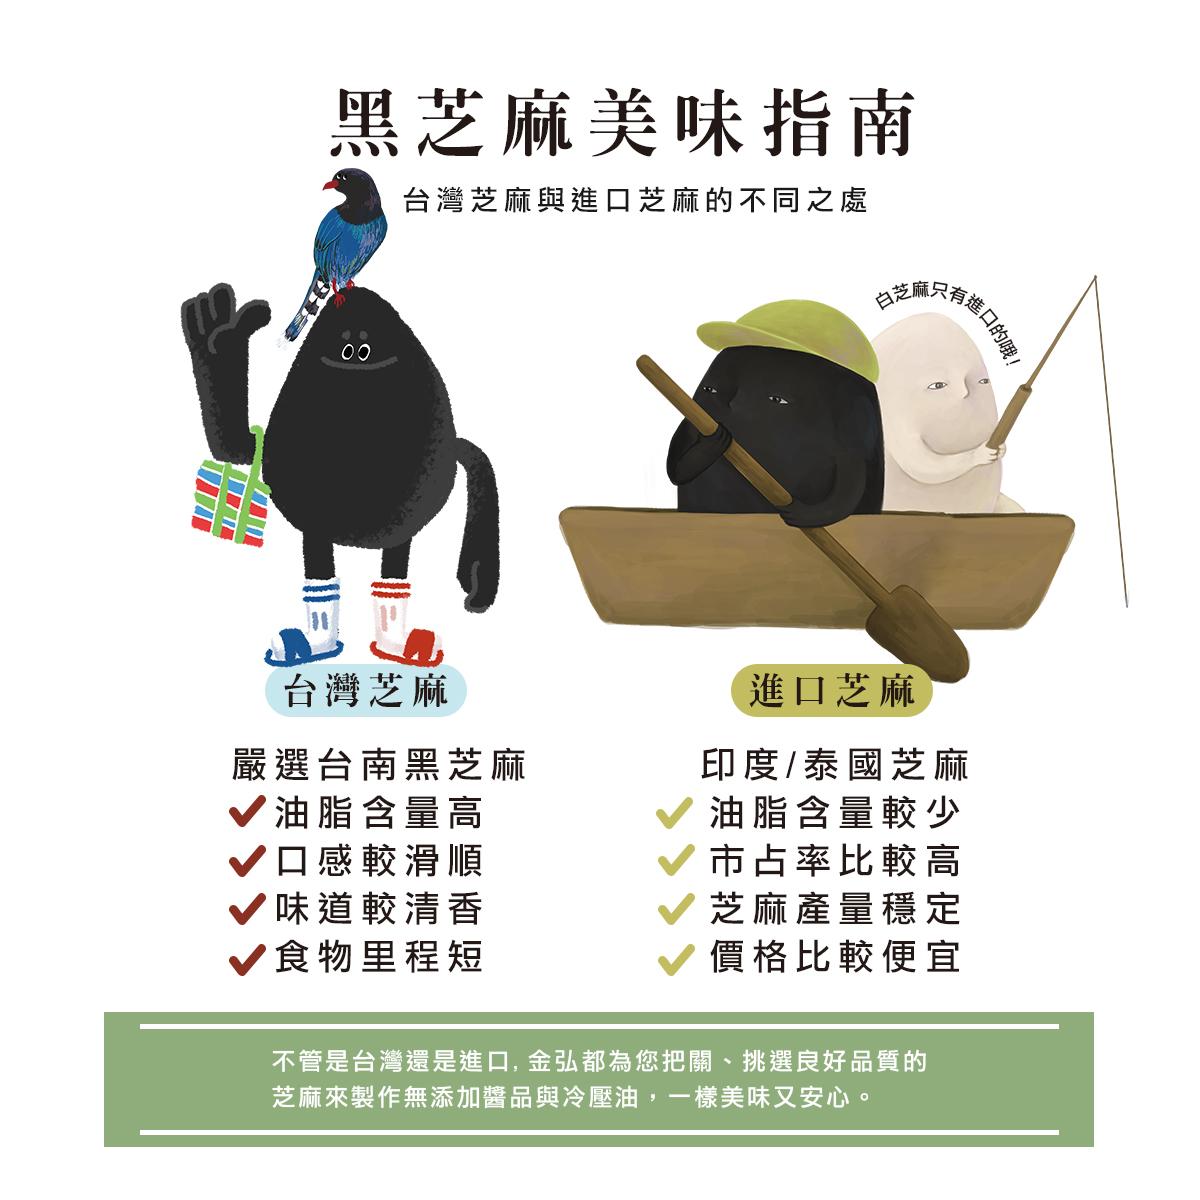 台灣芝麻與進口芝麻的不同